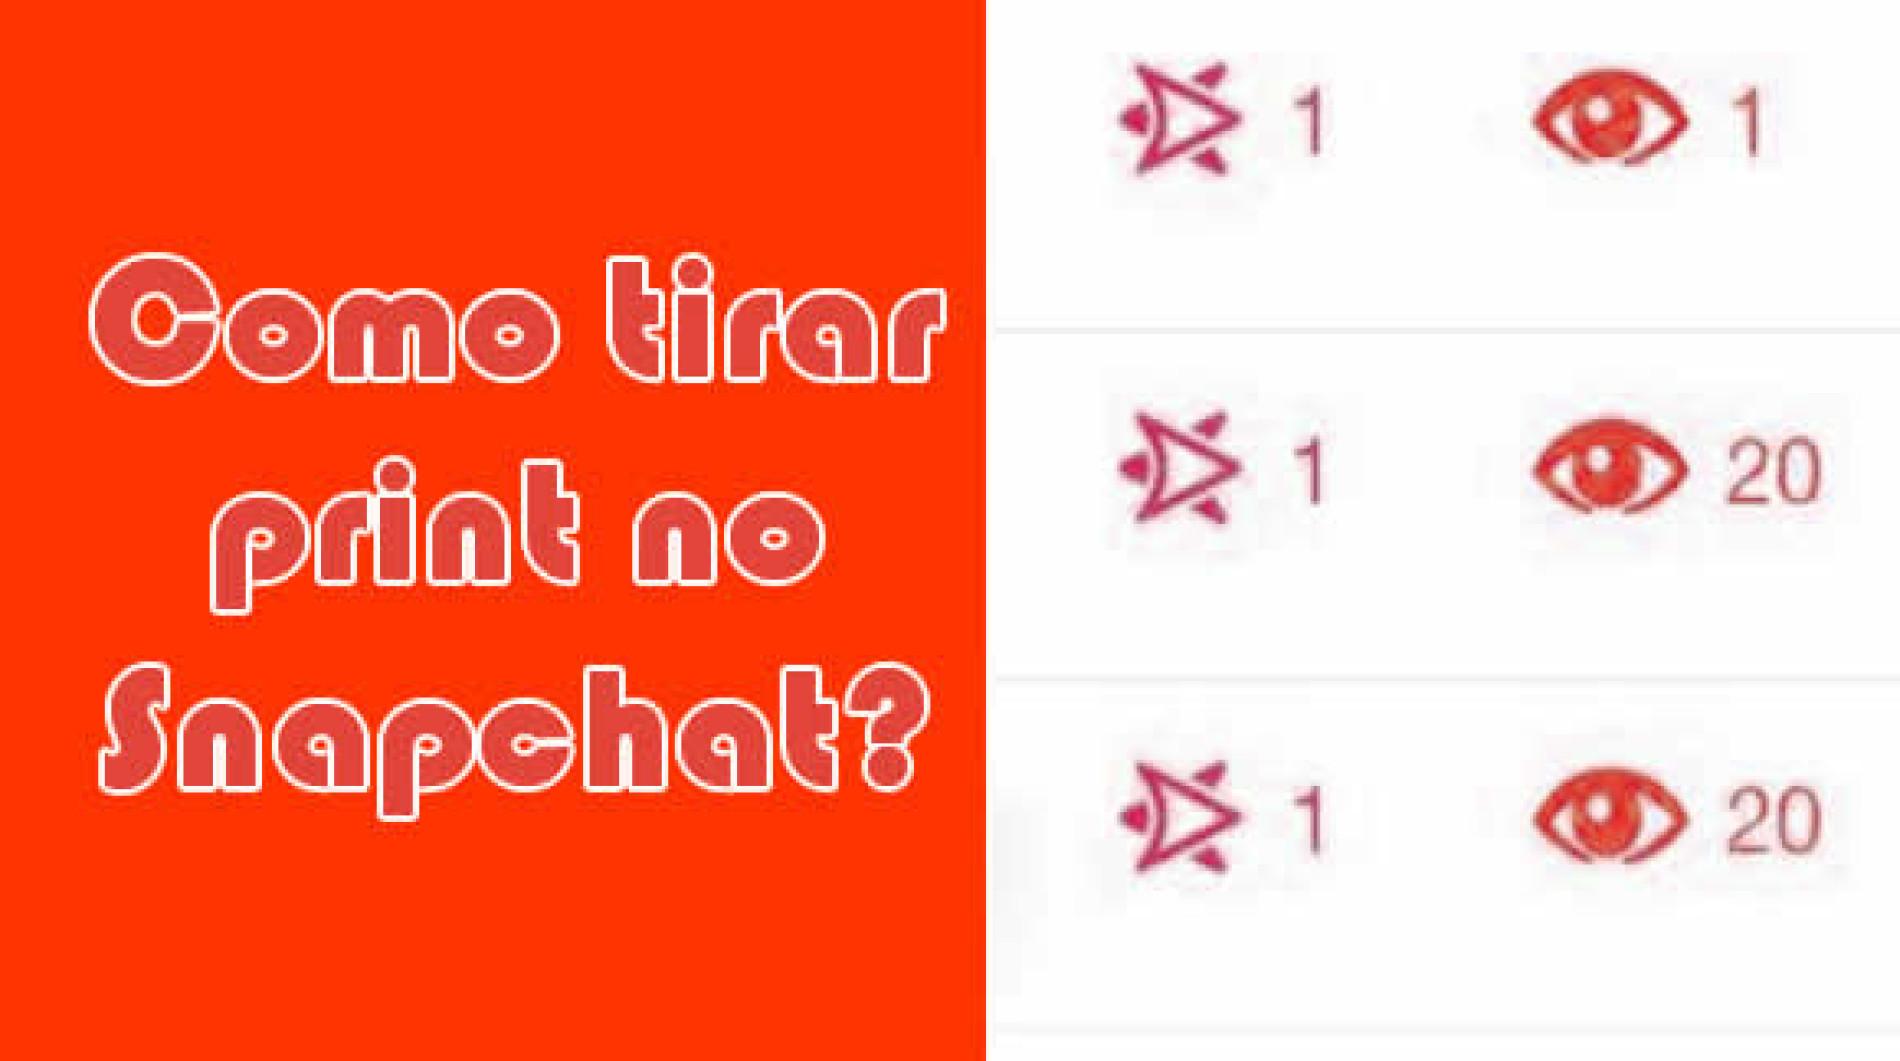 Como tirar print screen da tela do snapchat?